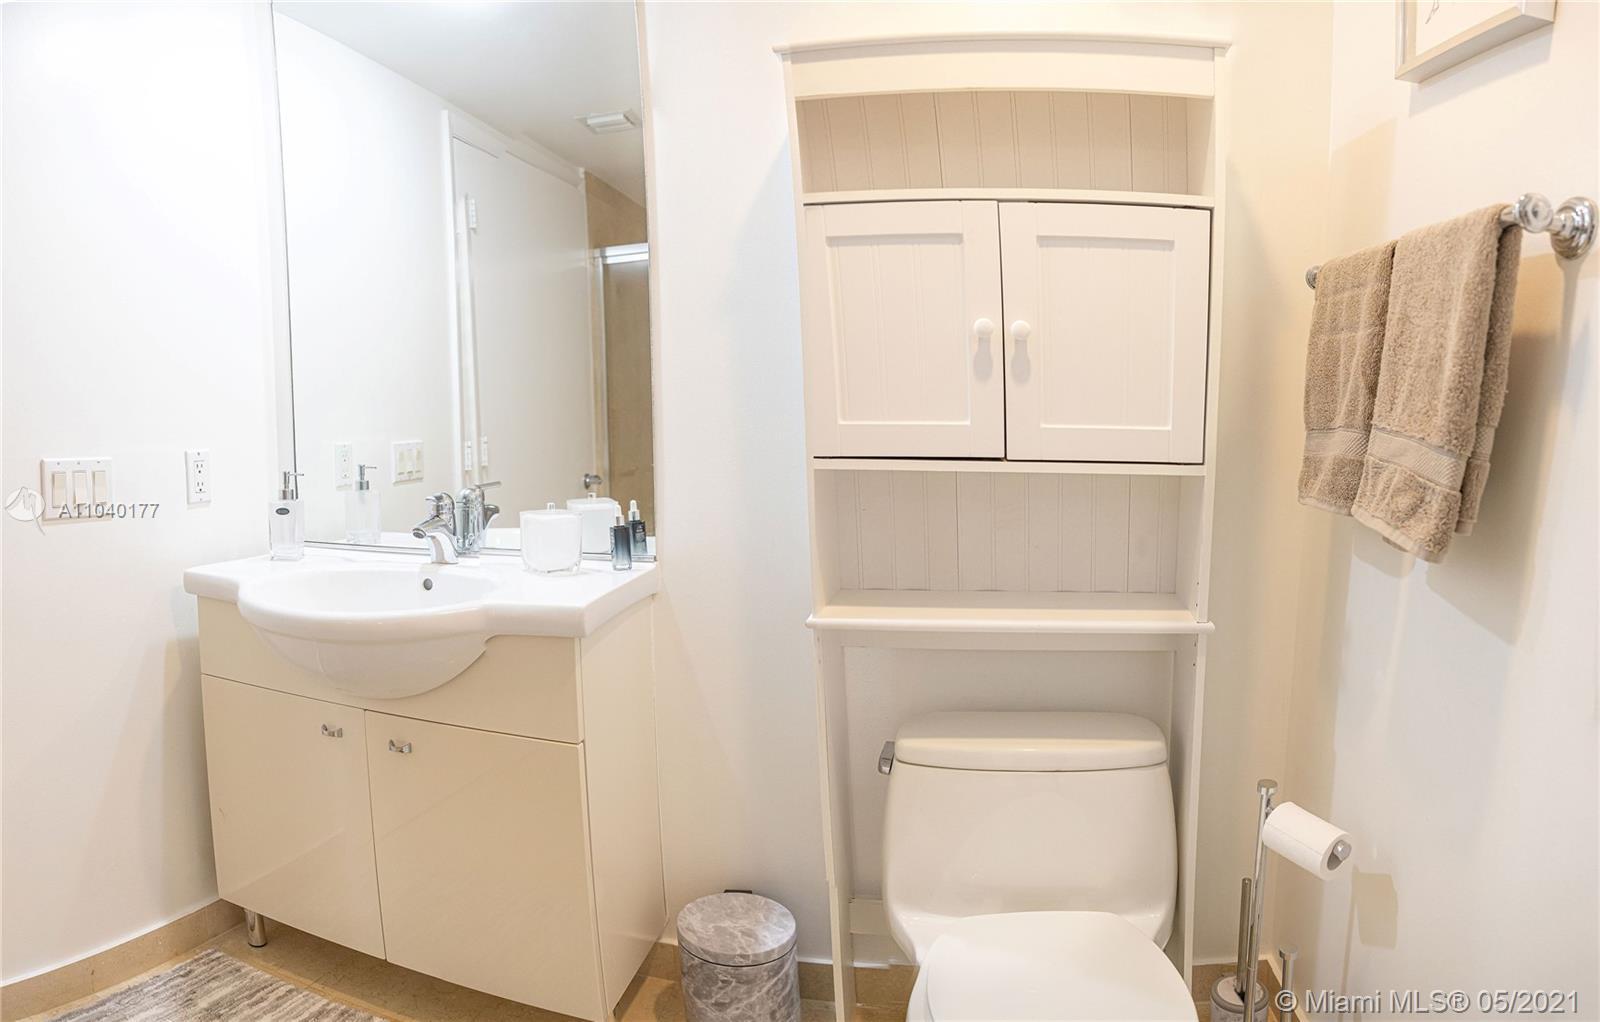 2806 2 / 2 1458 sq. ft. $ 2021-05-10 0 foto